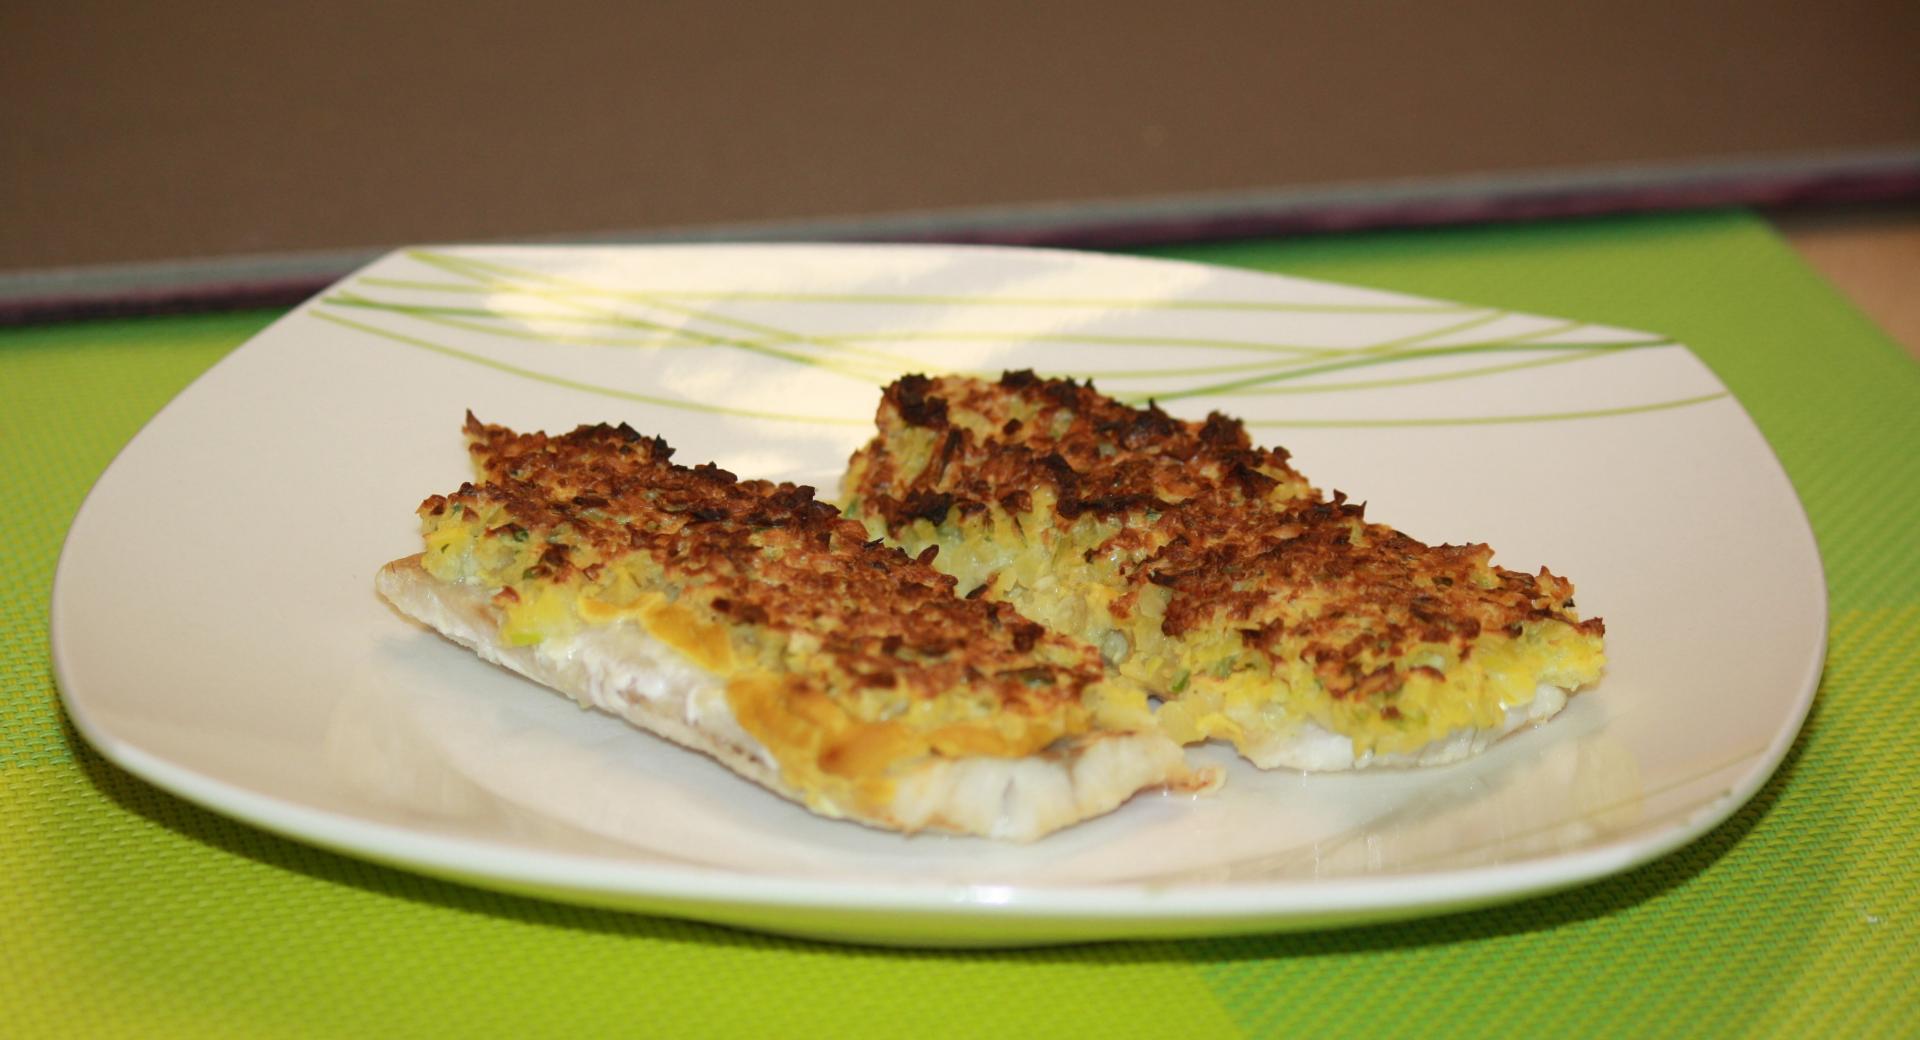 Fischfilet mit Kartoffelkruste